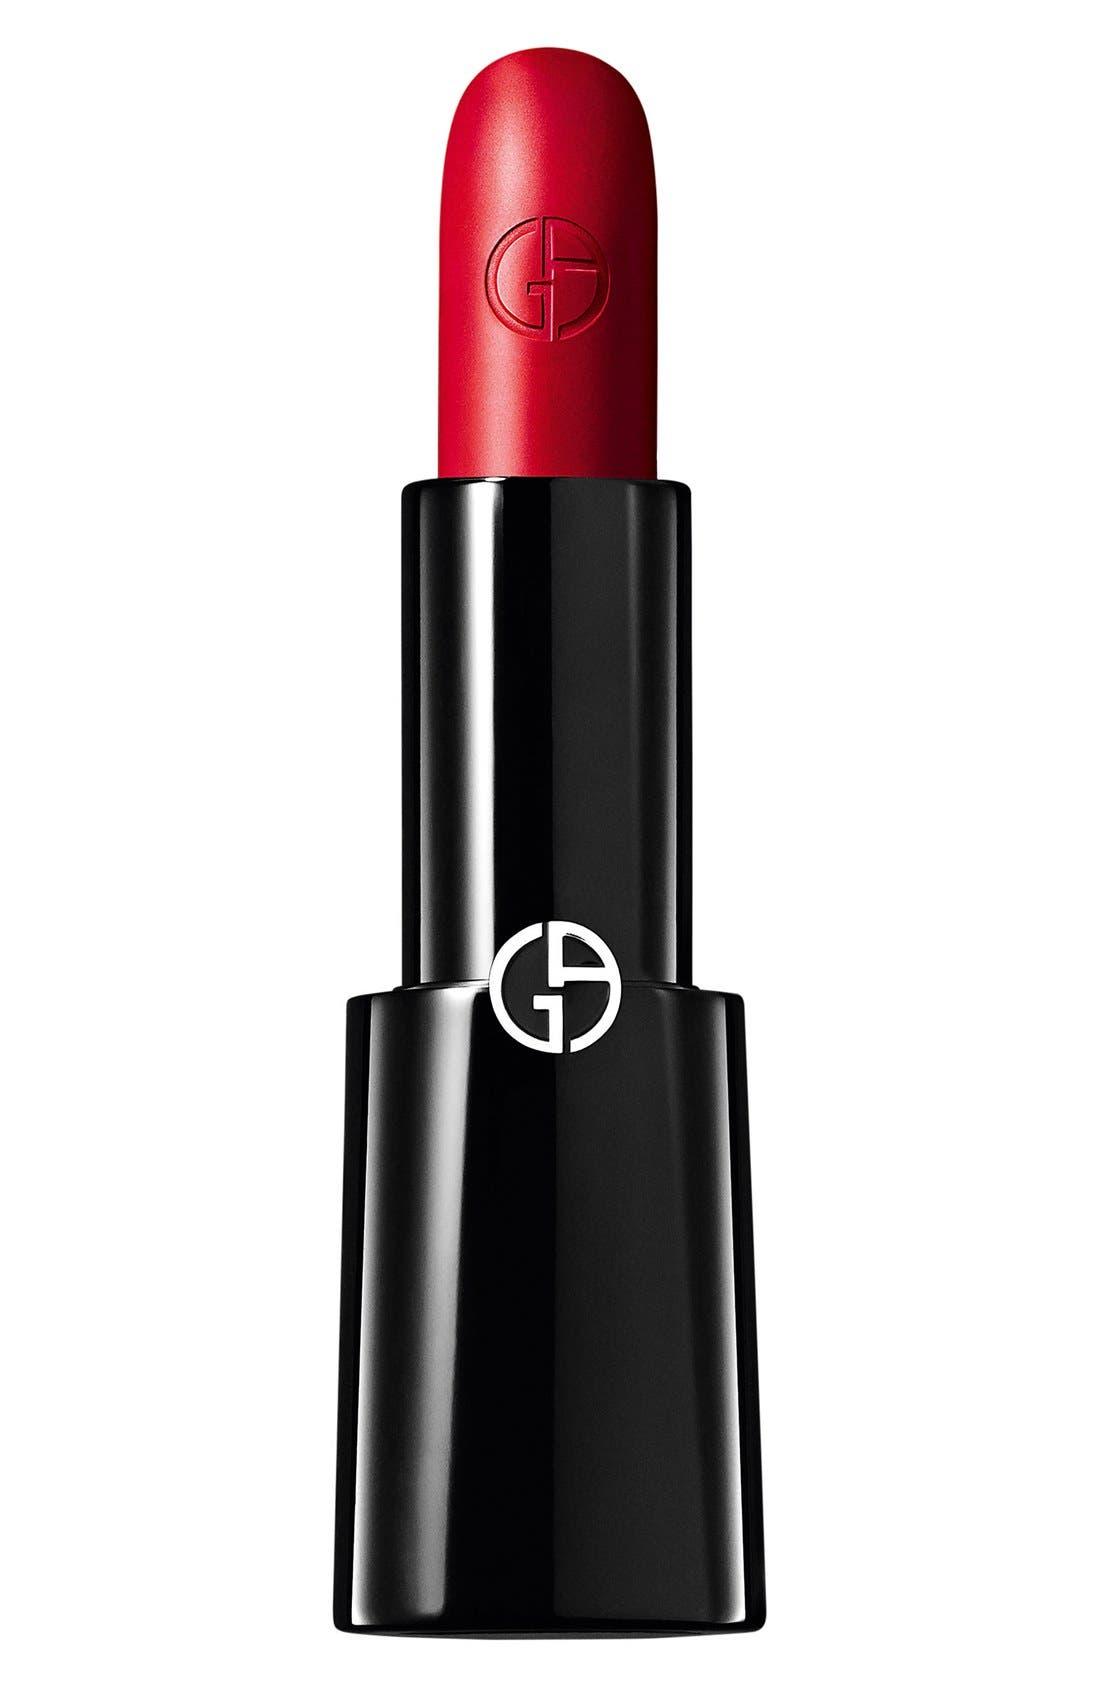 Giorgio Armani 'Rouge d'Armani' Lipstick